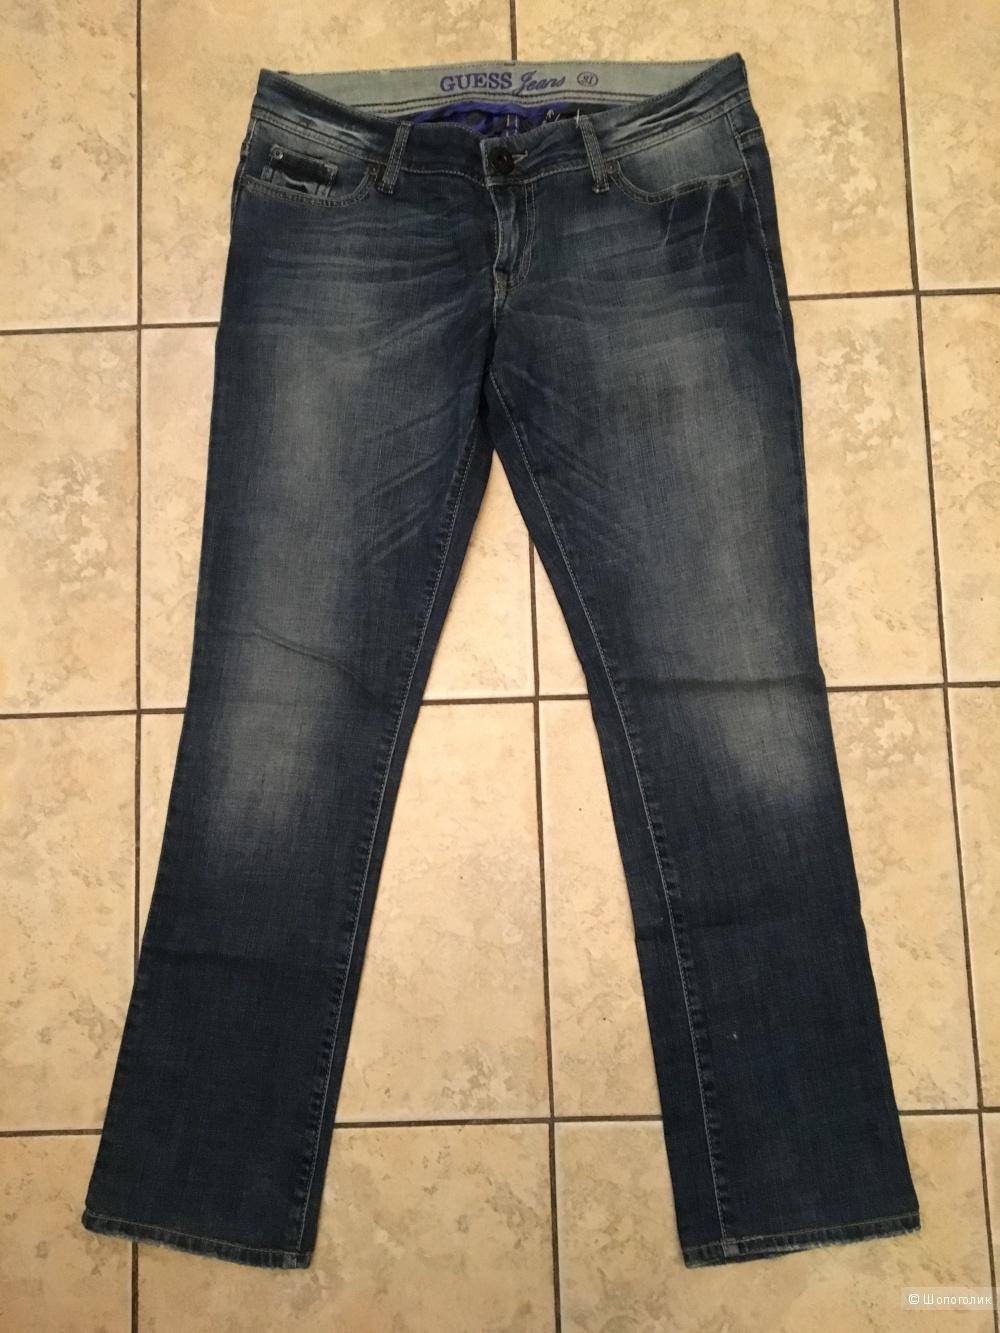 Джинсы Guess Jeans, размер 31